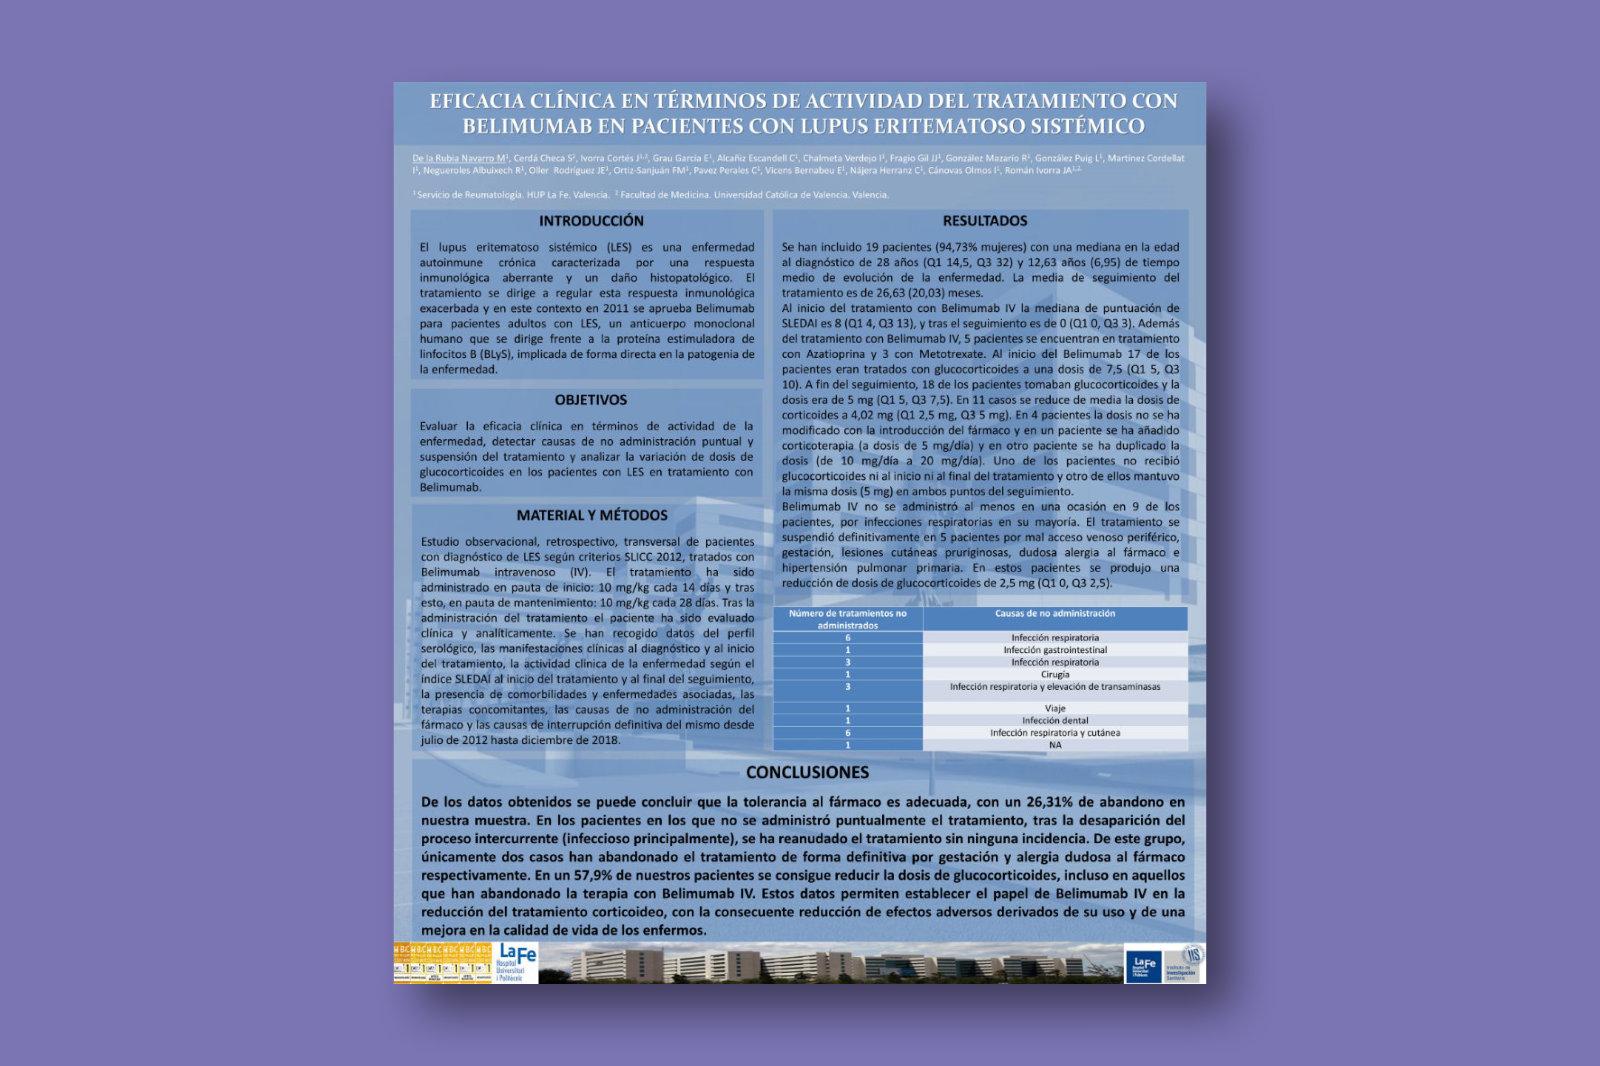 Eficacia clínica en términos de actividad del tratamiento con belimumab en pacientes con lupus eritematoso sistémico